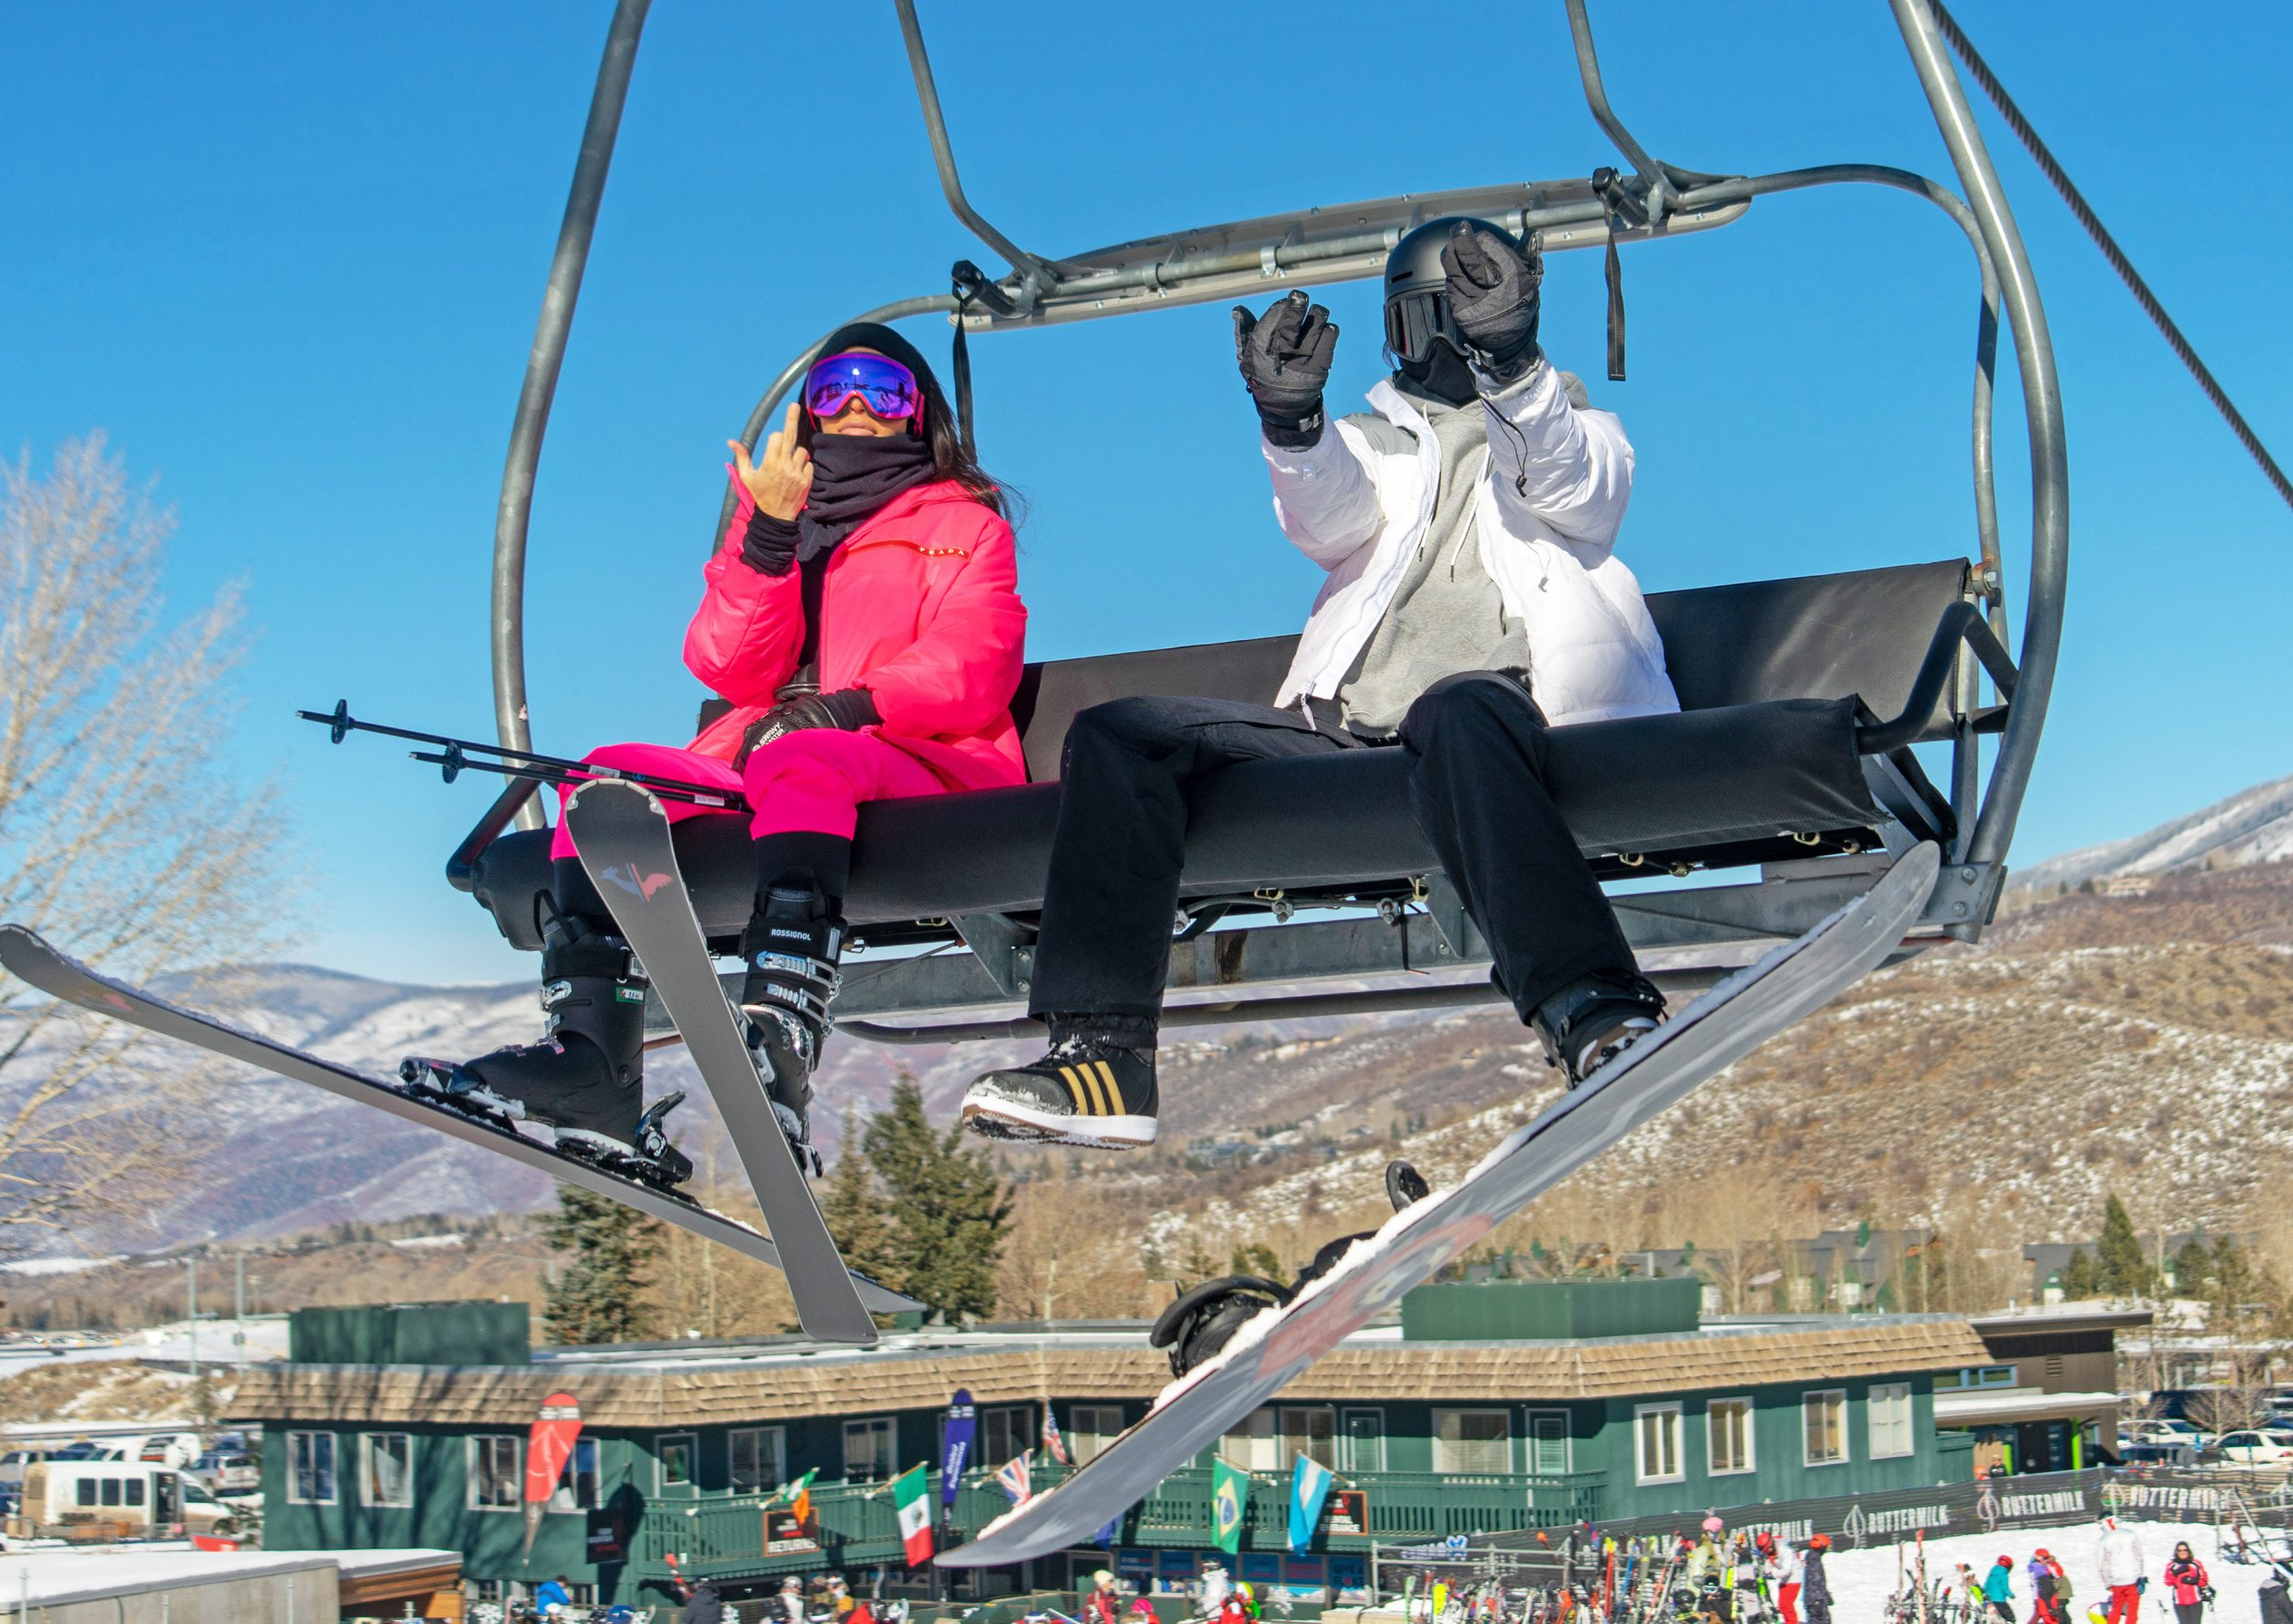 Kendall Jenner sleighs in bikini on skiing trip with Kim